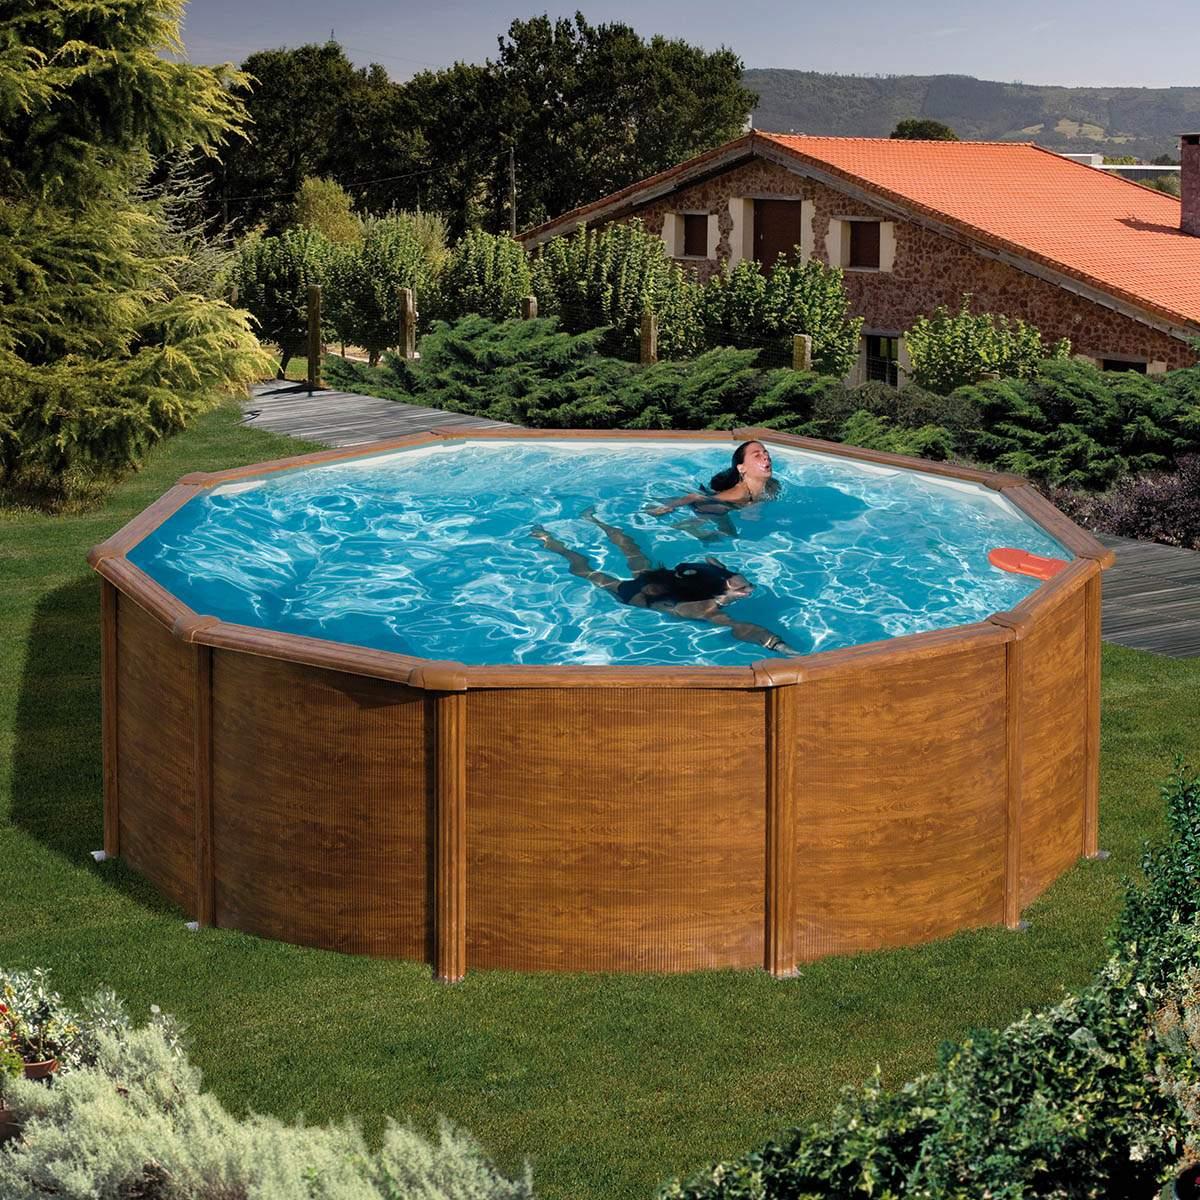 Pool Garten Aufblasbar Inspirierend Rundformbecken Holzoptik 120 Cm Tiefe